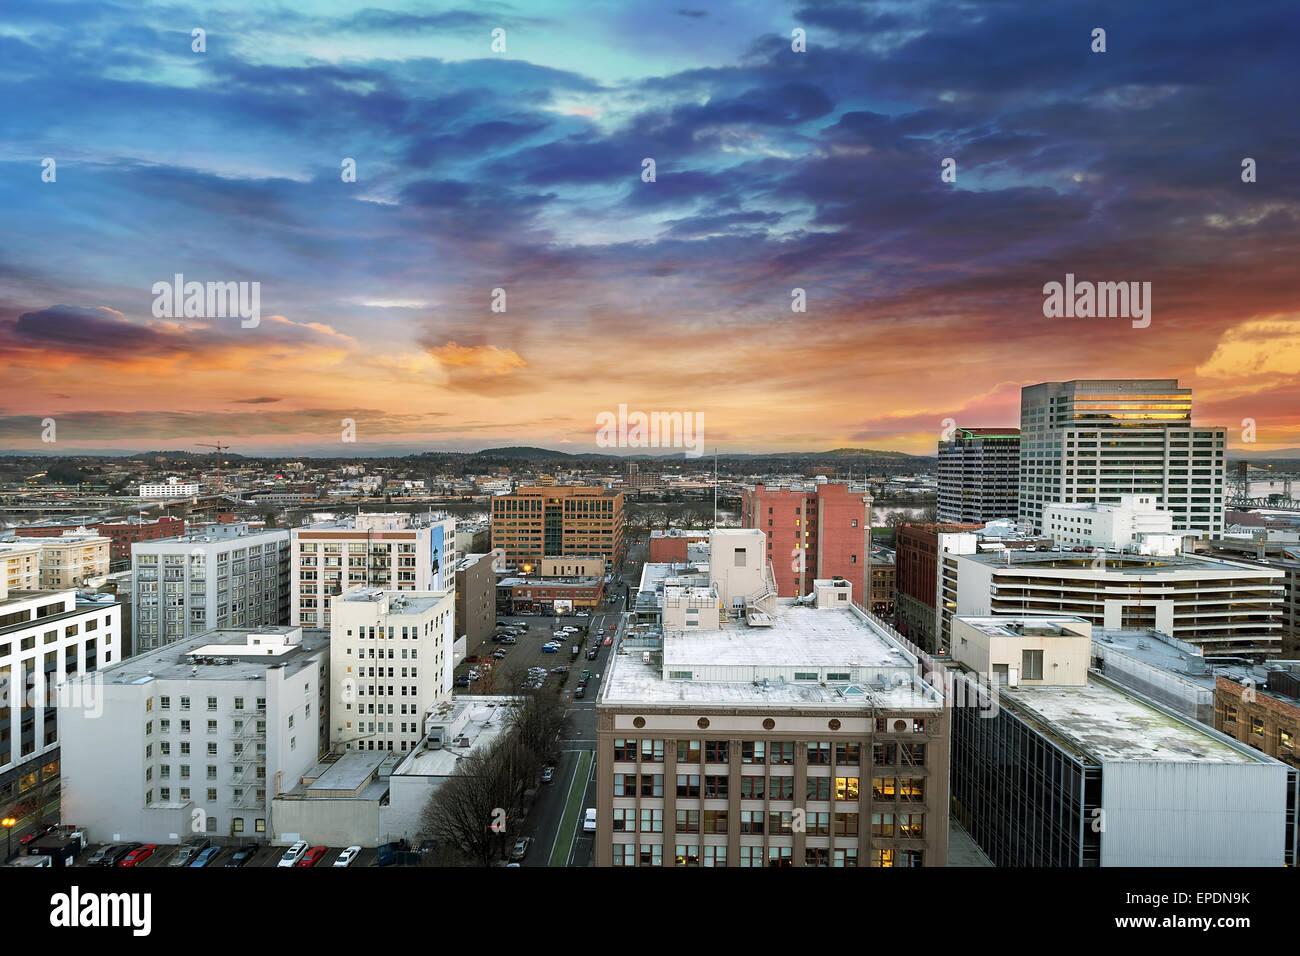 Coucher de soleil sur le centre-ville de l'Oregon Portland Cityscape avec Mt Hood dans le lointain Photo Stock